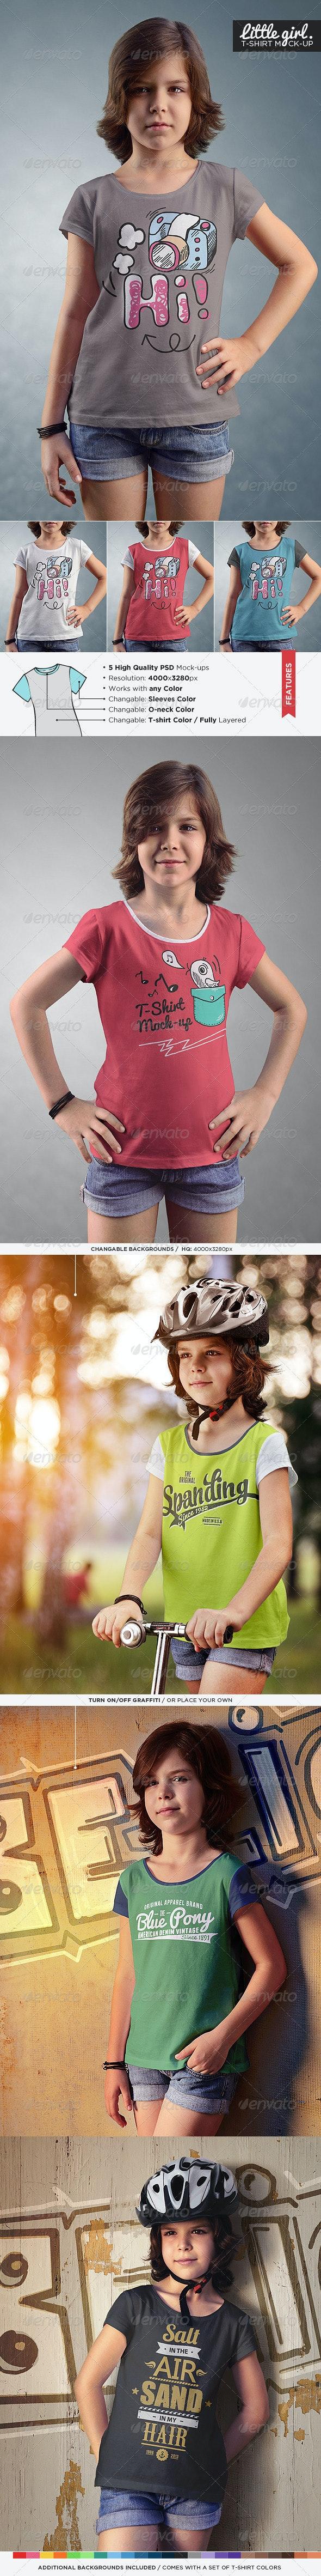 Little Girl / T-Shirt Mock-Up - T-shirts Apparel